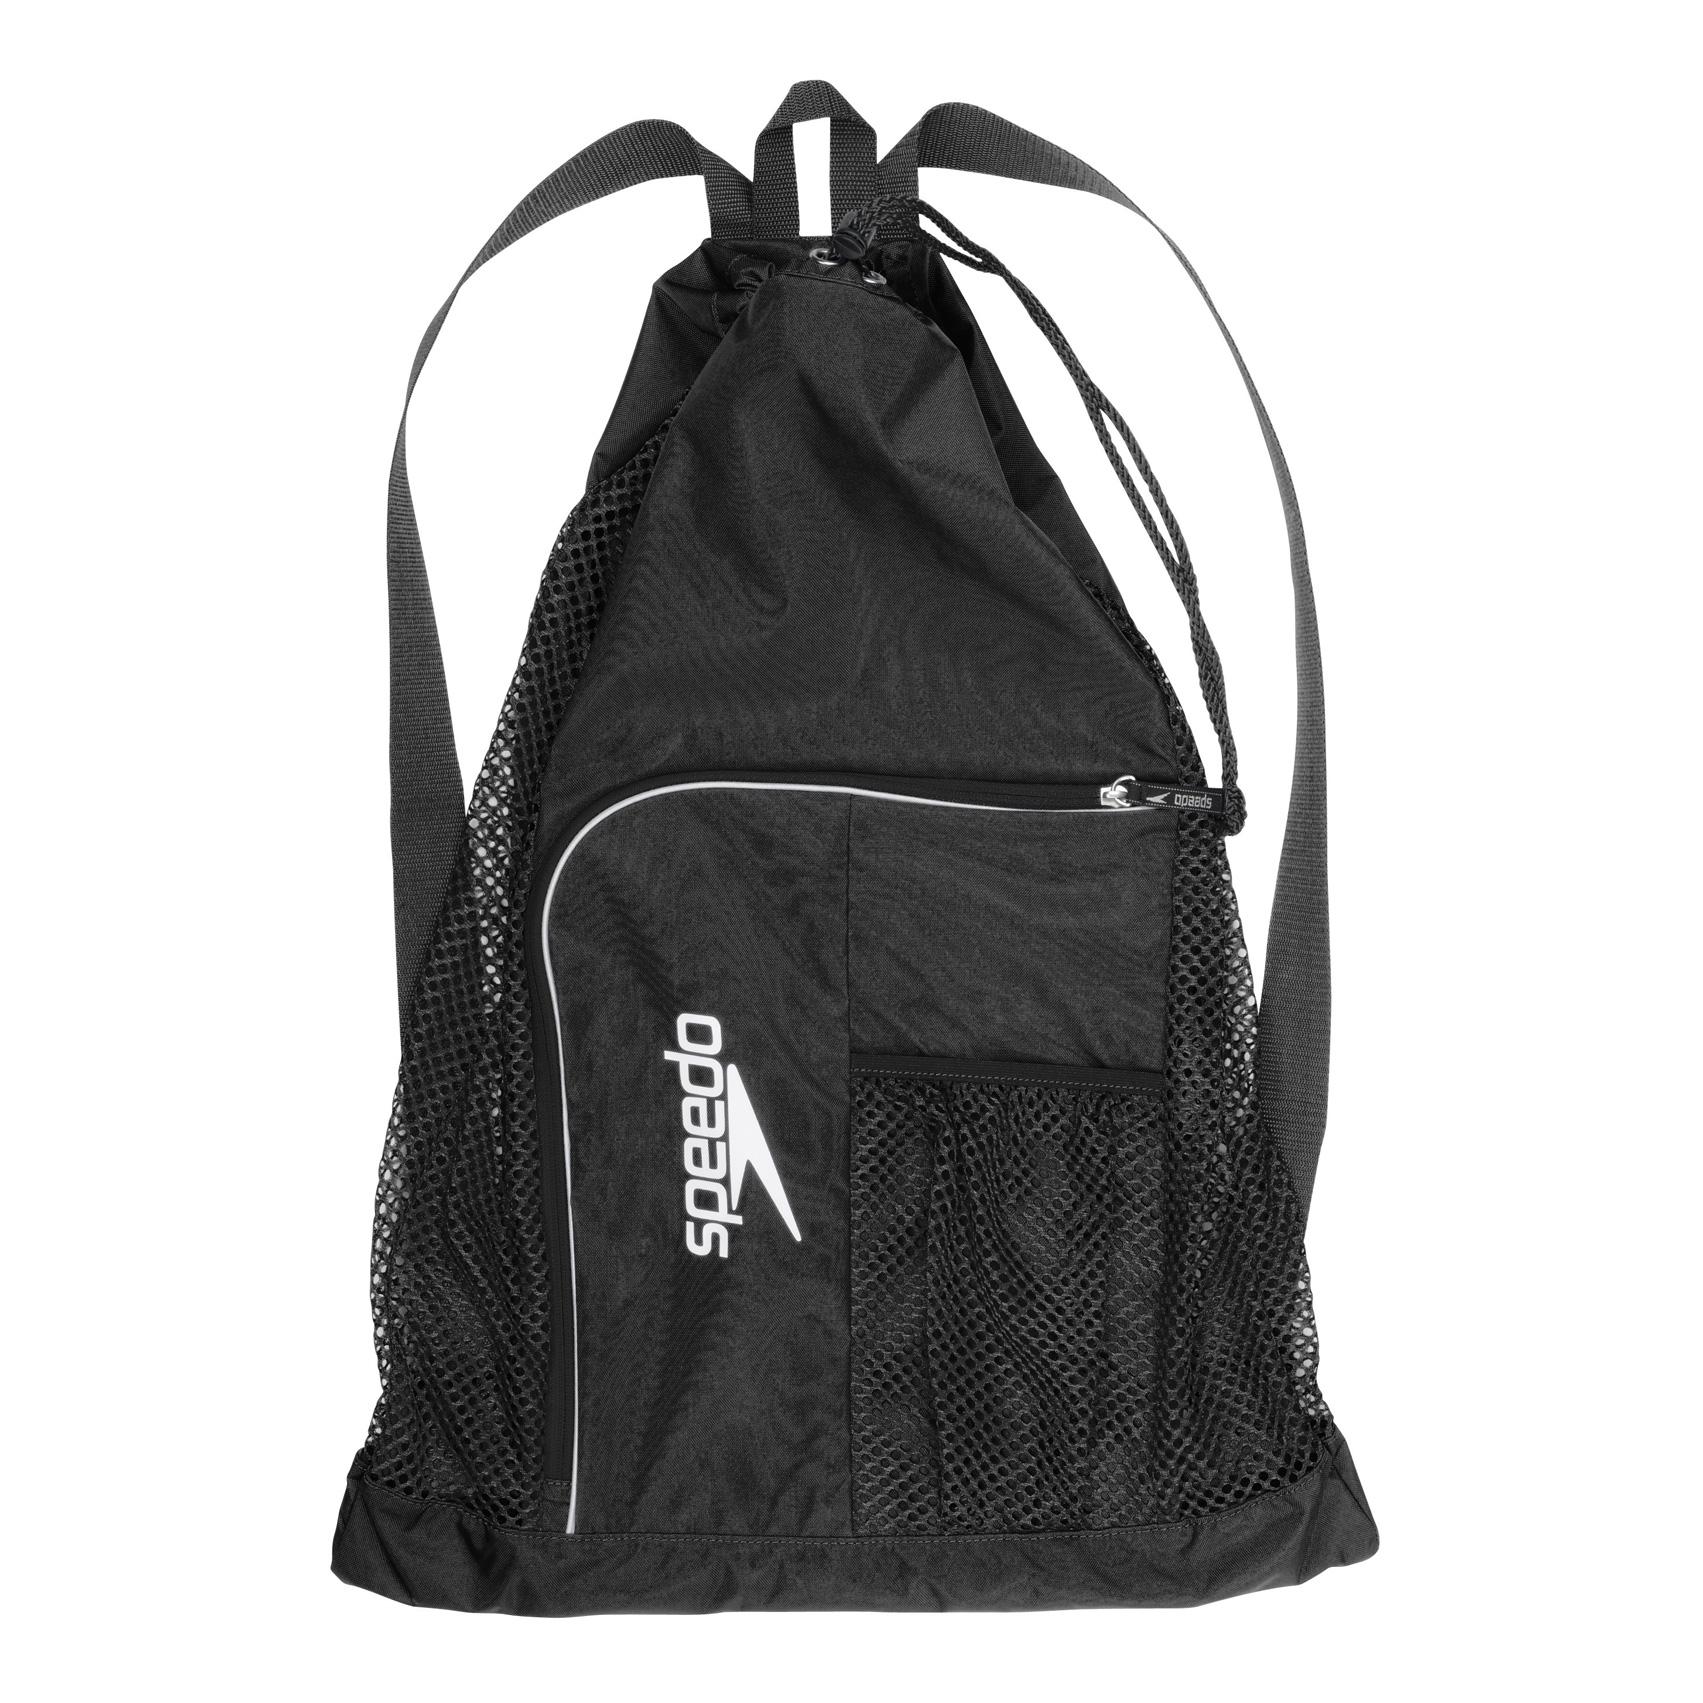 DELUXE VENTILATOR MESH BAG 7520118